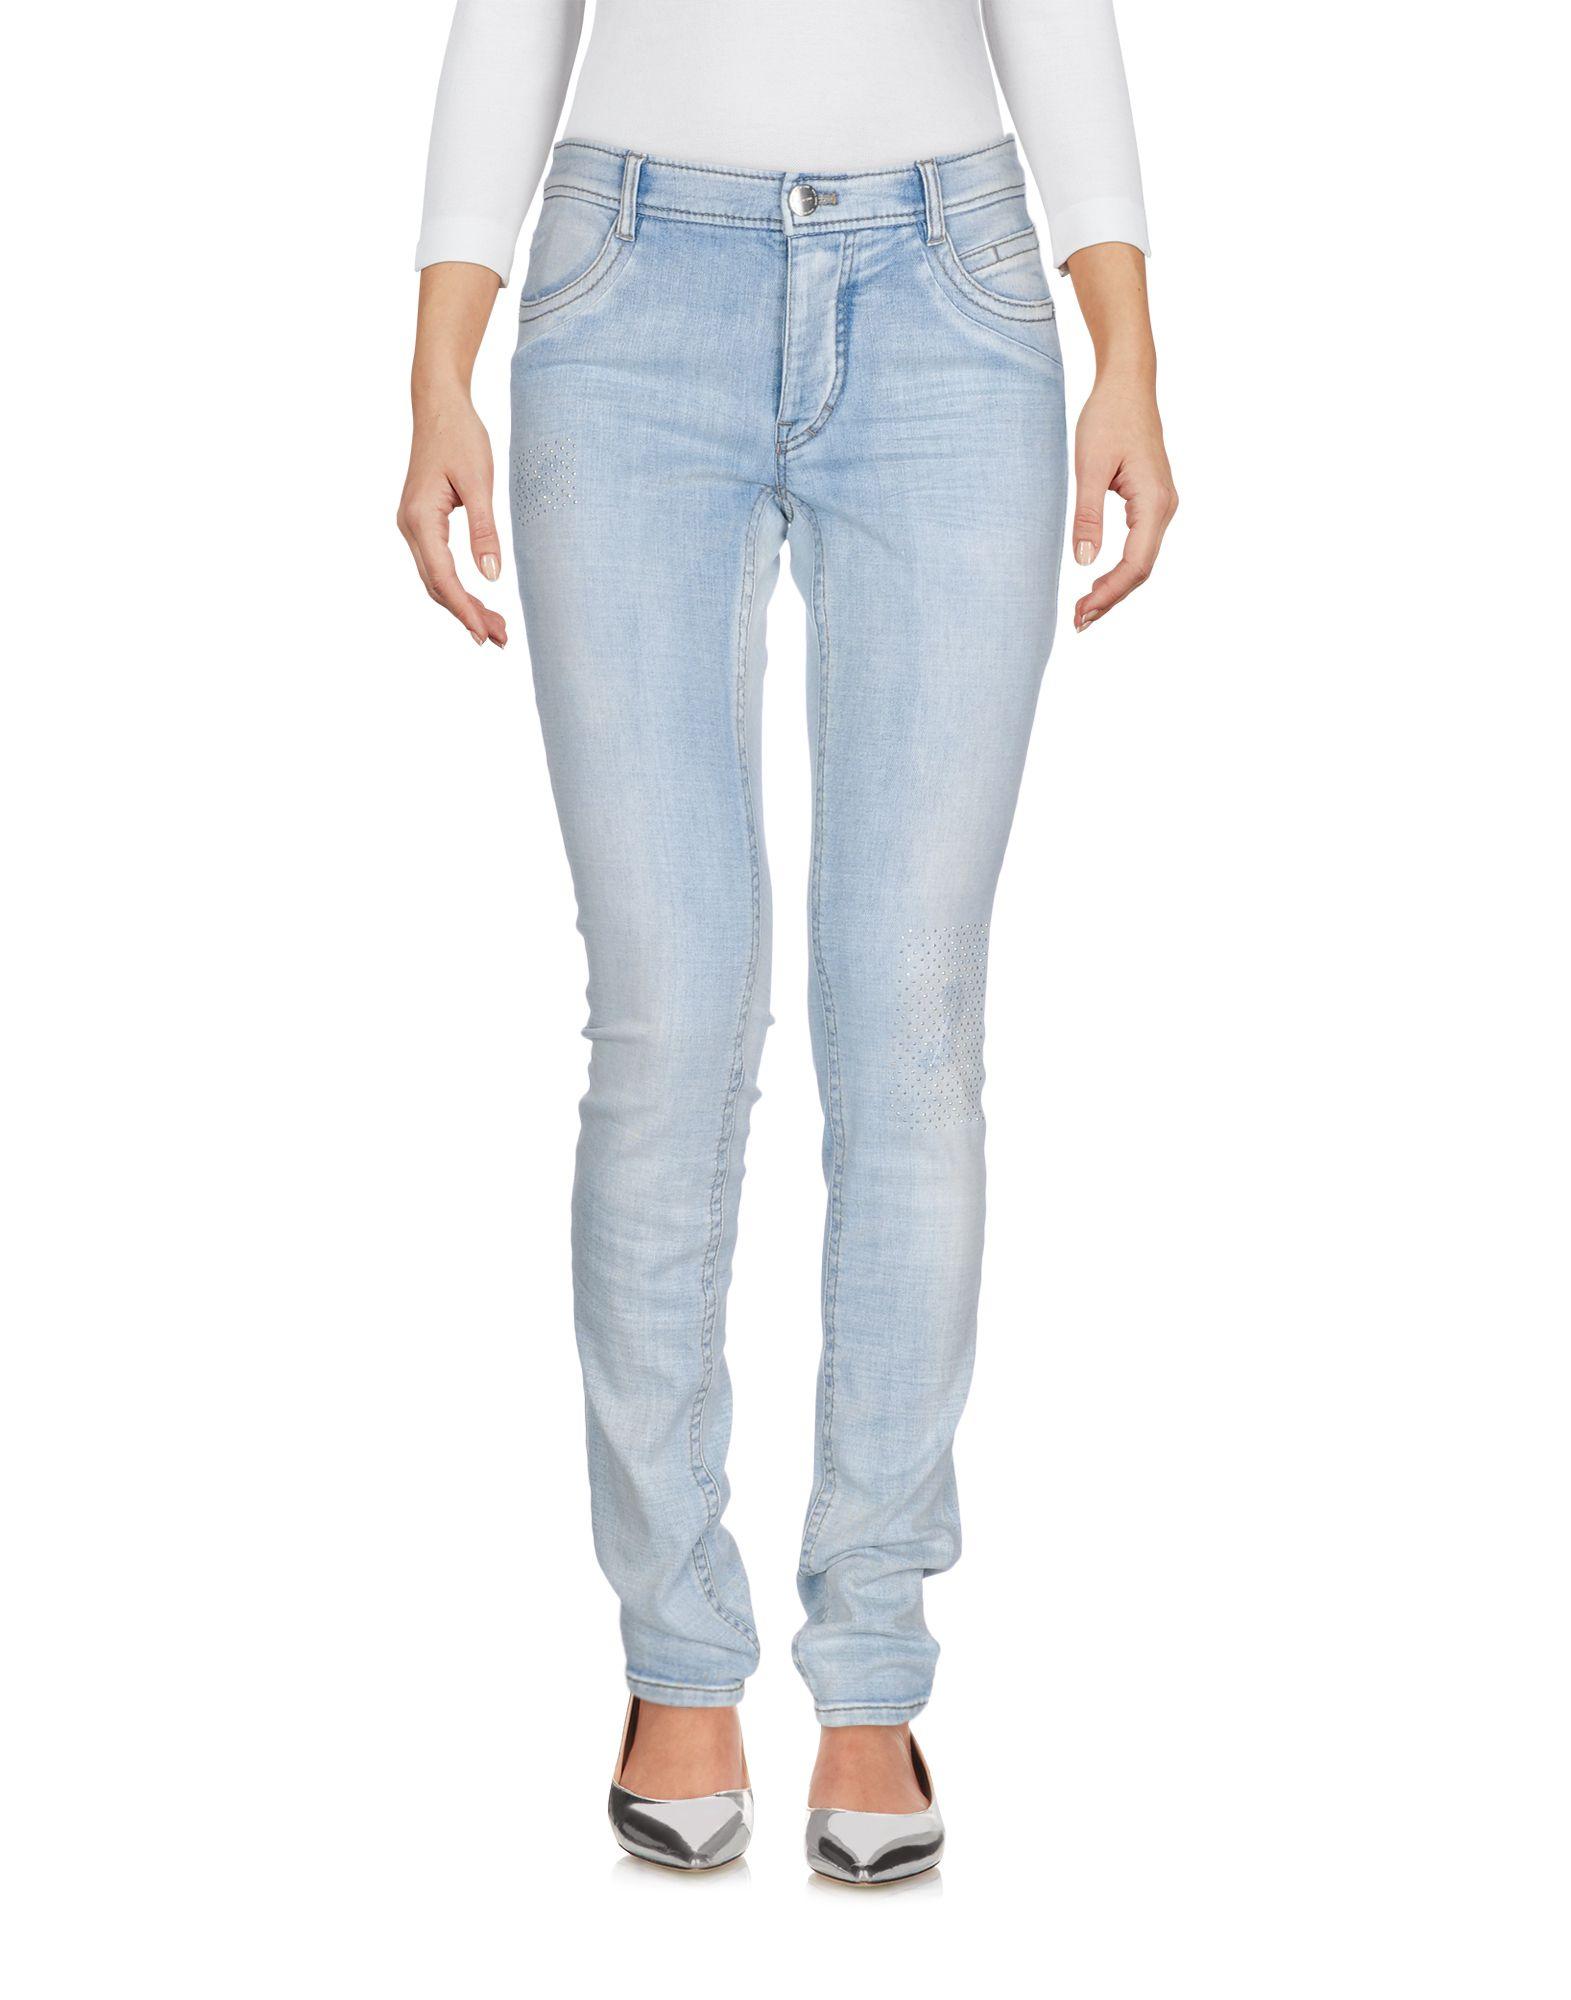 MARC CAIN SPORTS Джинсовые брюки брюки marc cain одежда повседневная на каждый день